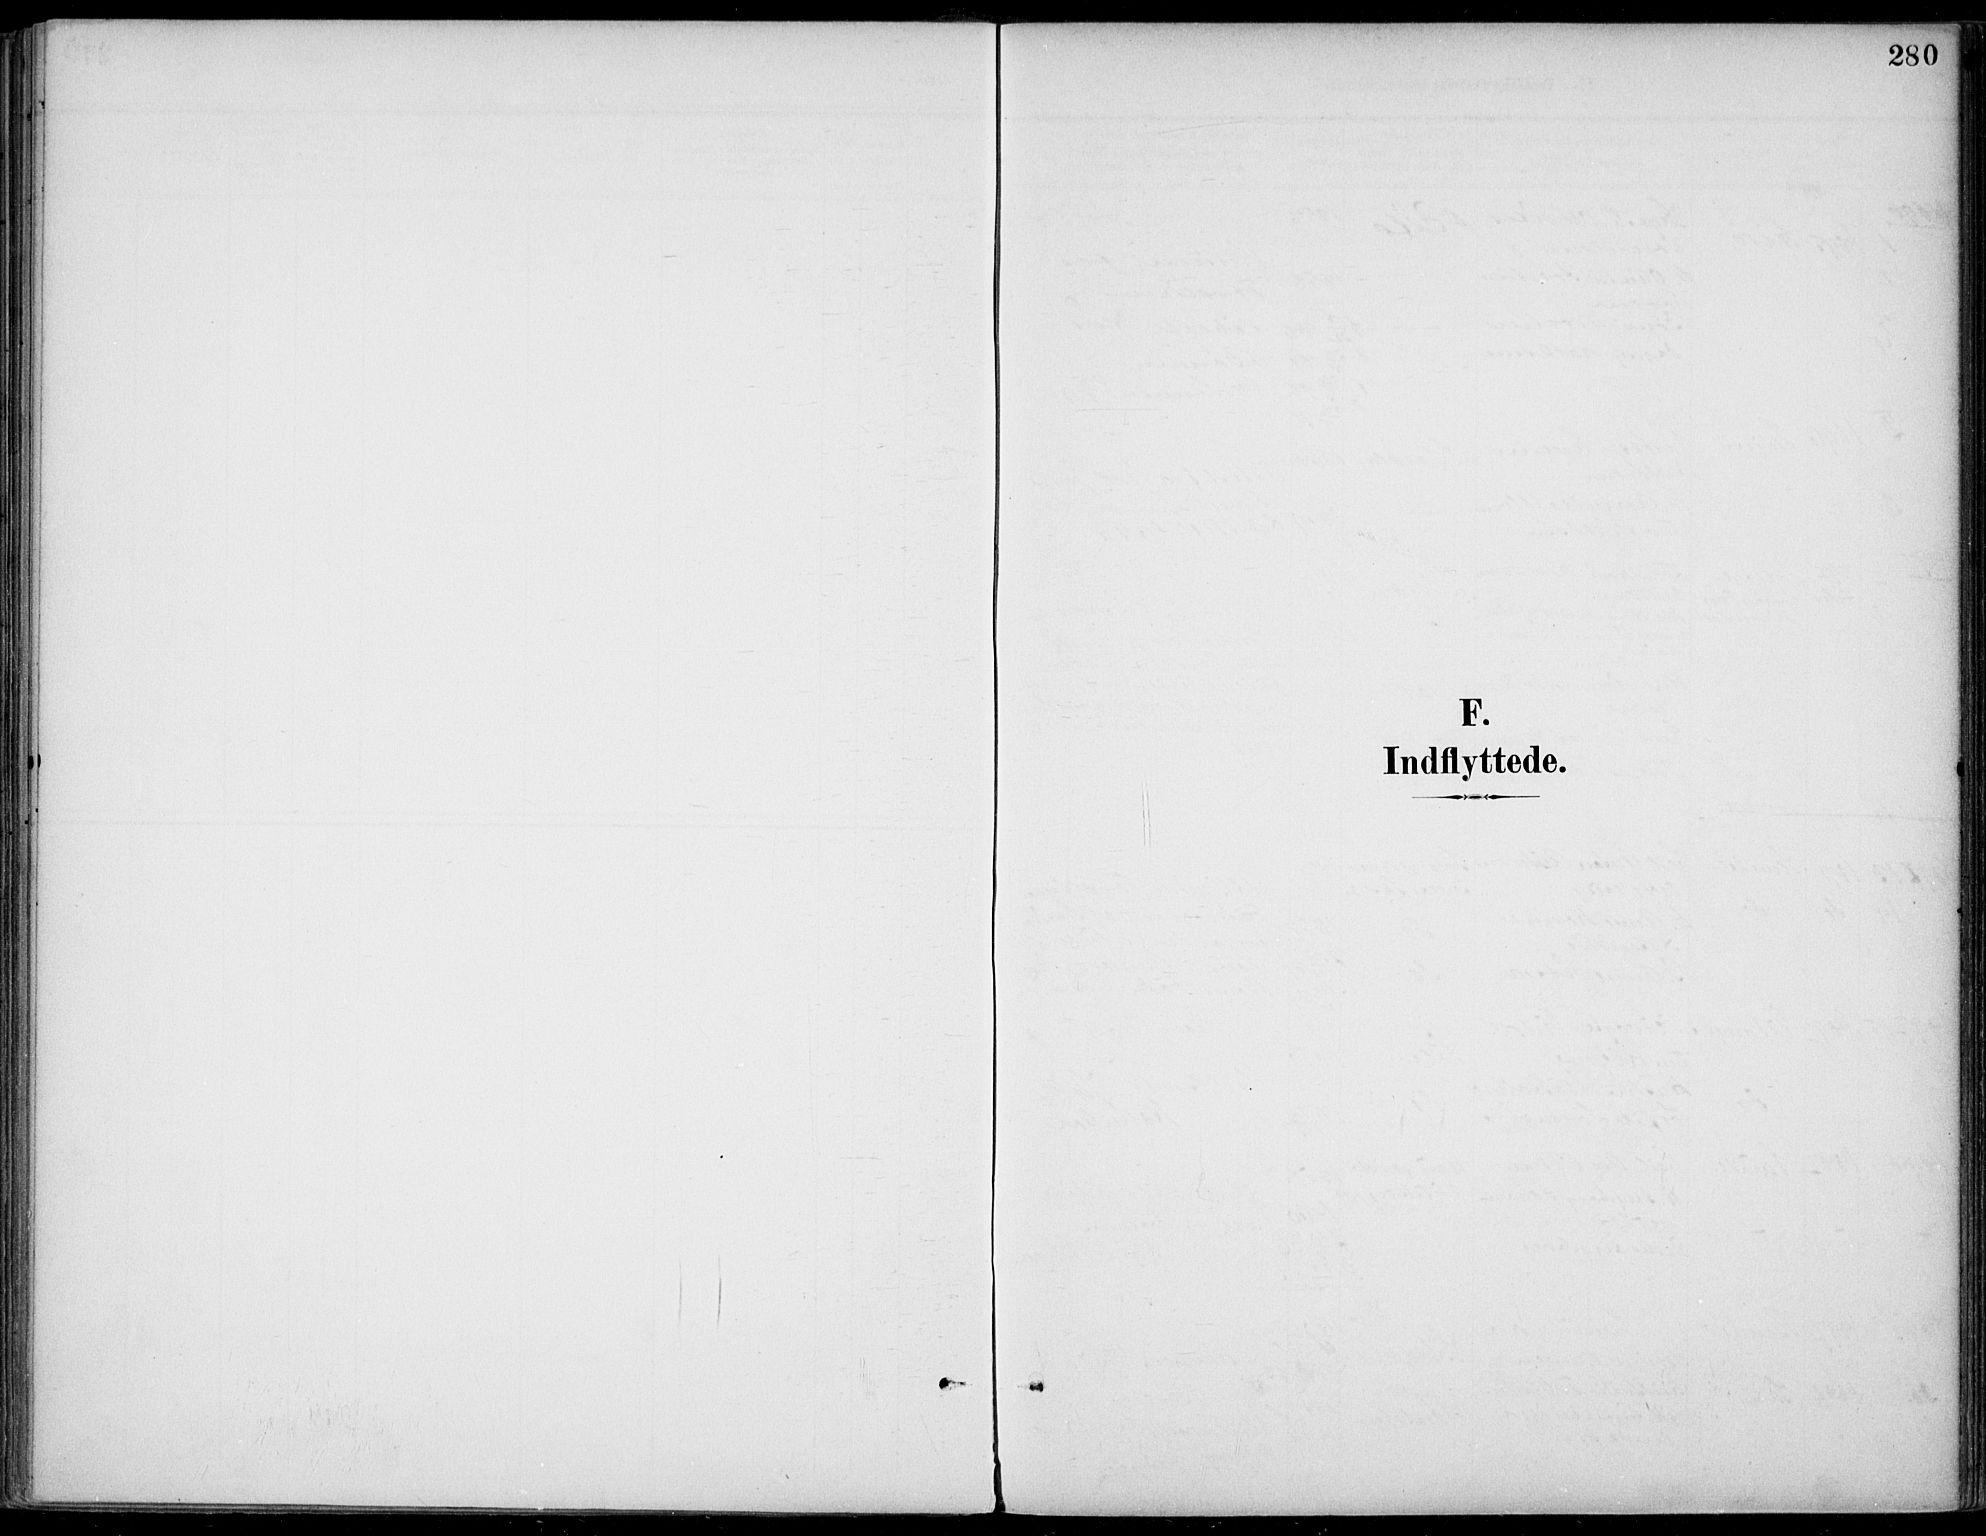 SAKO, Gjerpen kirkebøker, F/Fa/L0011: Ministerialbok nr. 11, 1896-1904, s. 280